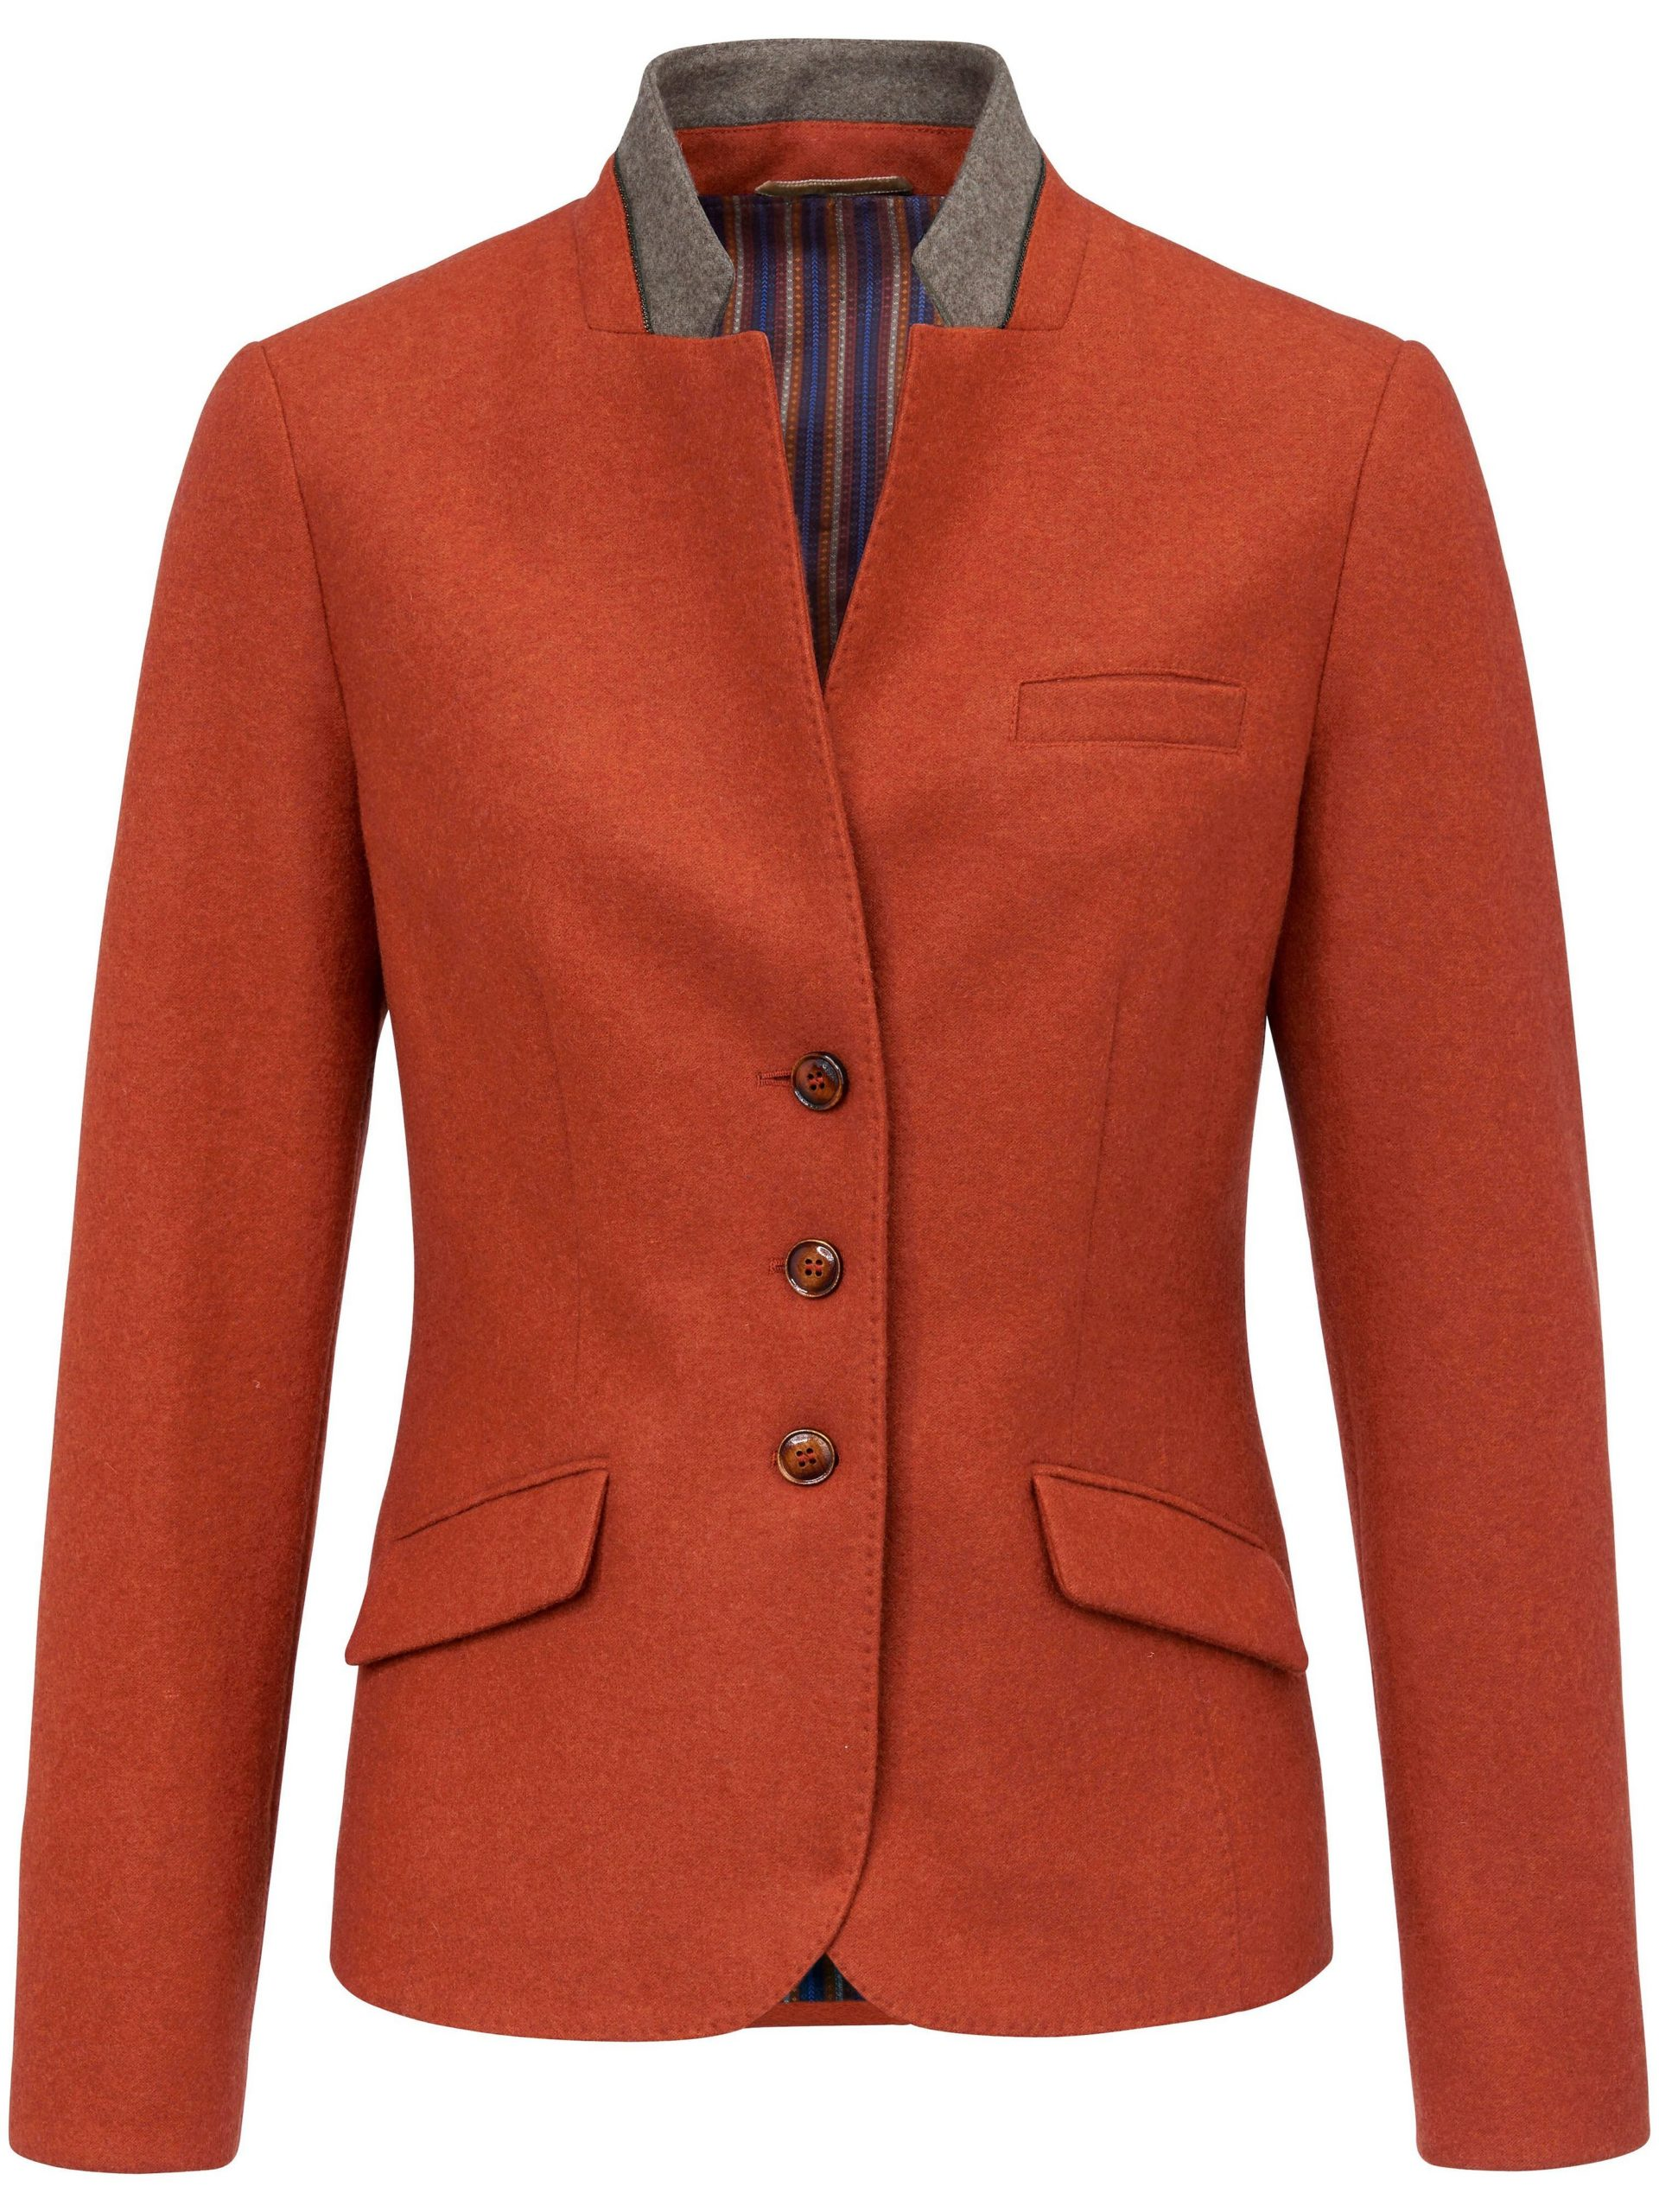 Blazer Van Schneiders Salzburg oranje Kopen